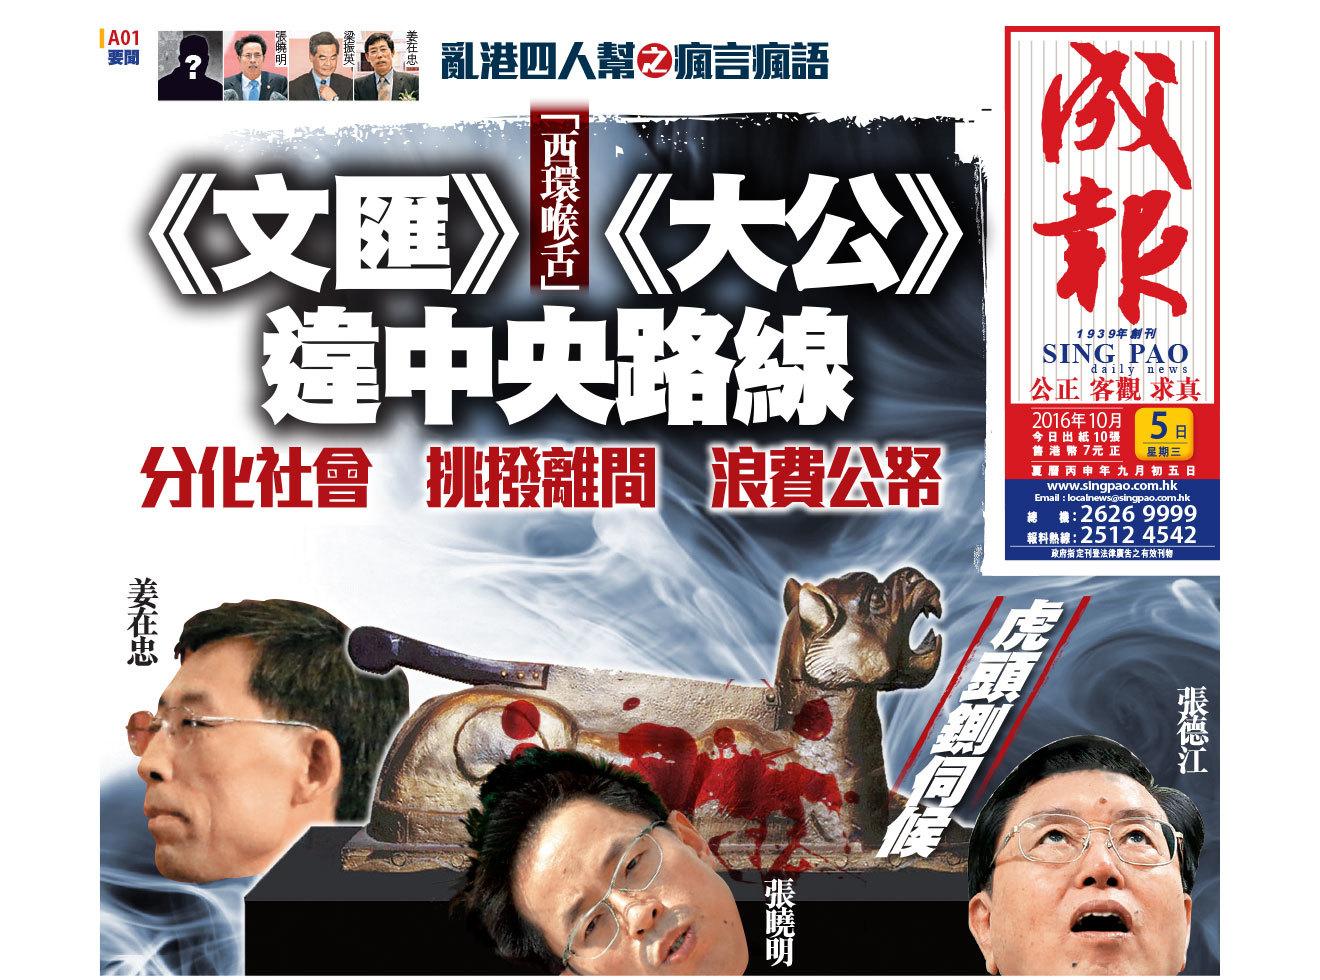 9月 28日以來,香港《成報》接連狠批江派常委張德江是「亂港四人幫」,兩次點名中共前黨魁江澤民是其後台,呼籲當局「『虎頭鍘』把這些利益團夥正法」。(網頁擷圖)